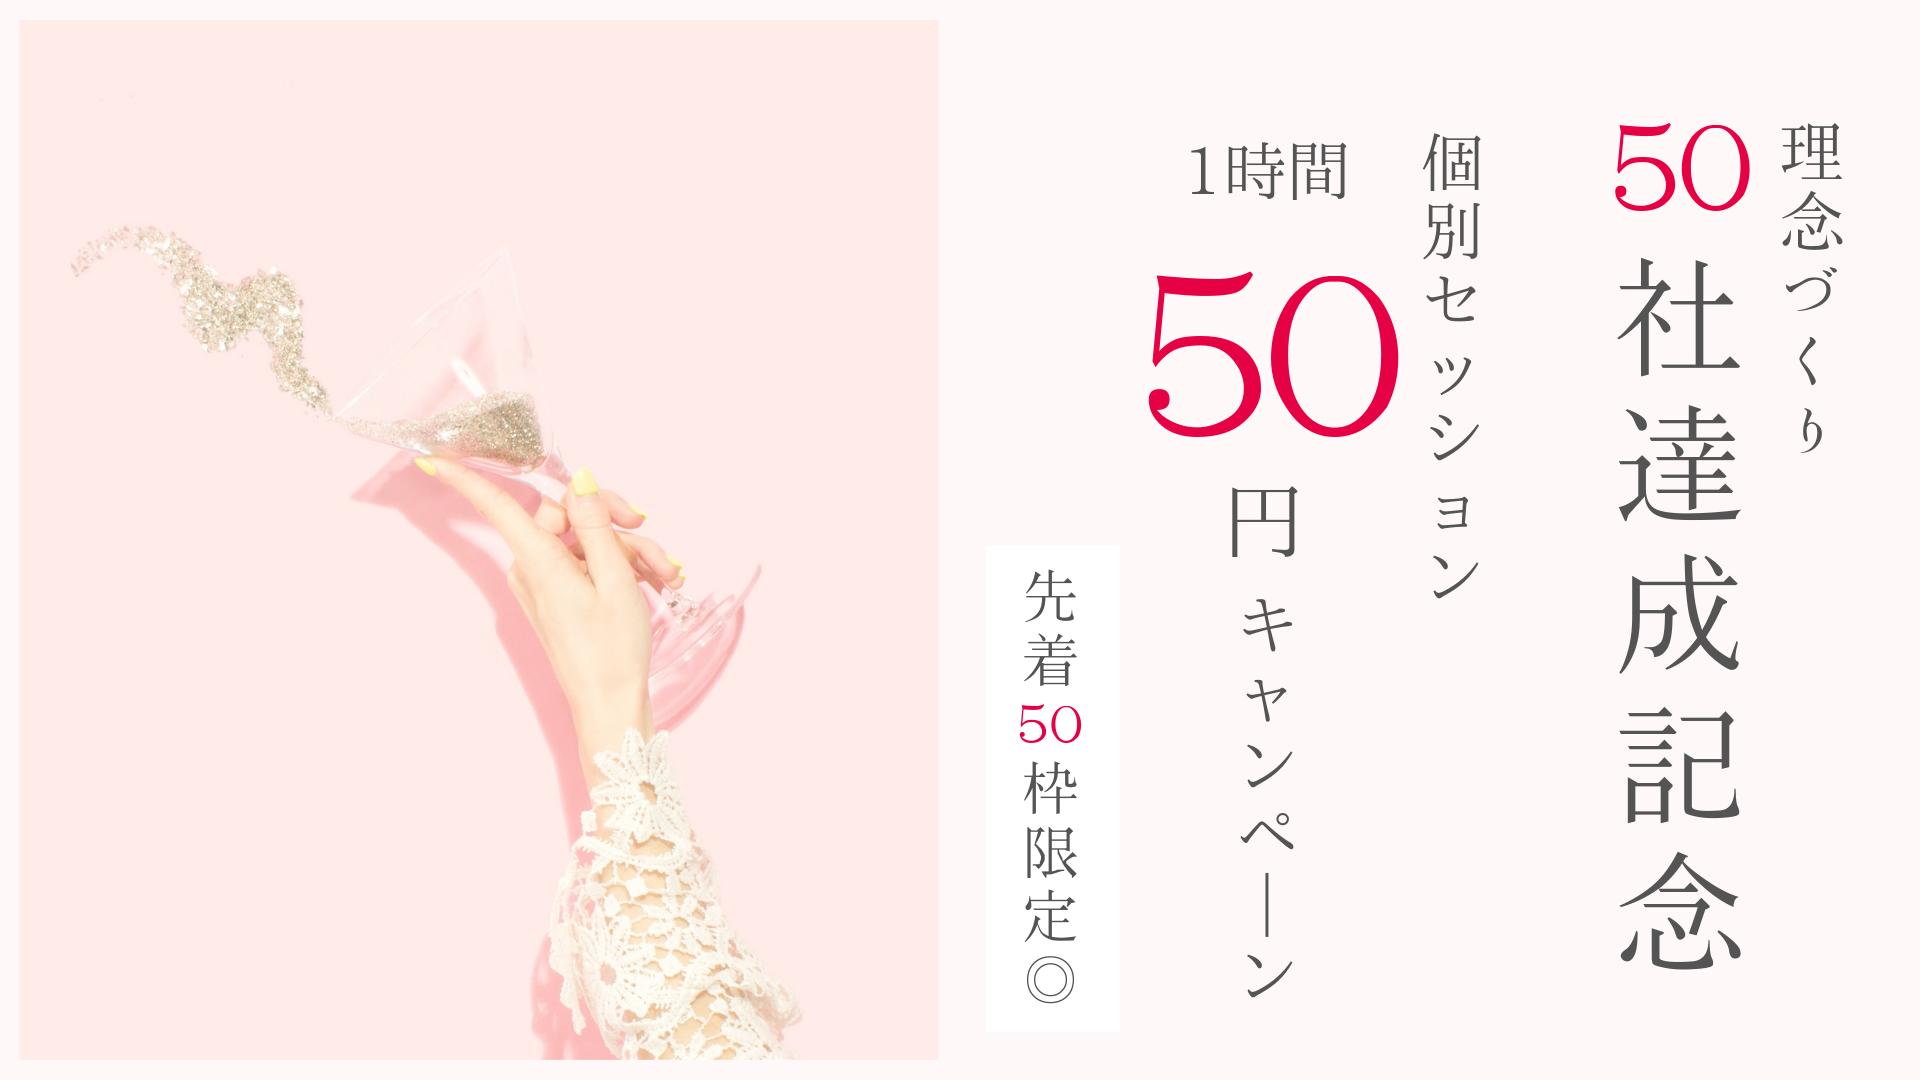 ココロイキ理念づくり50社記念キャンペーン